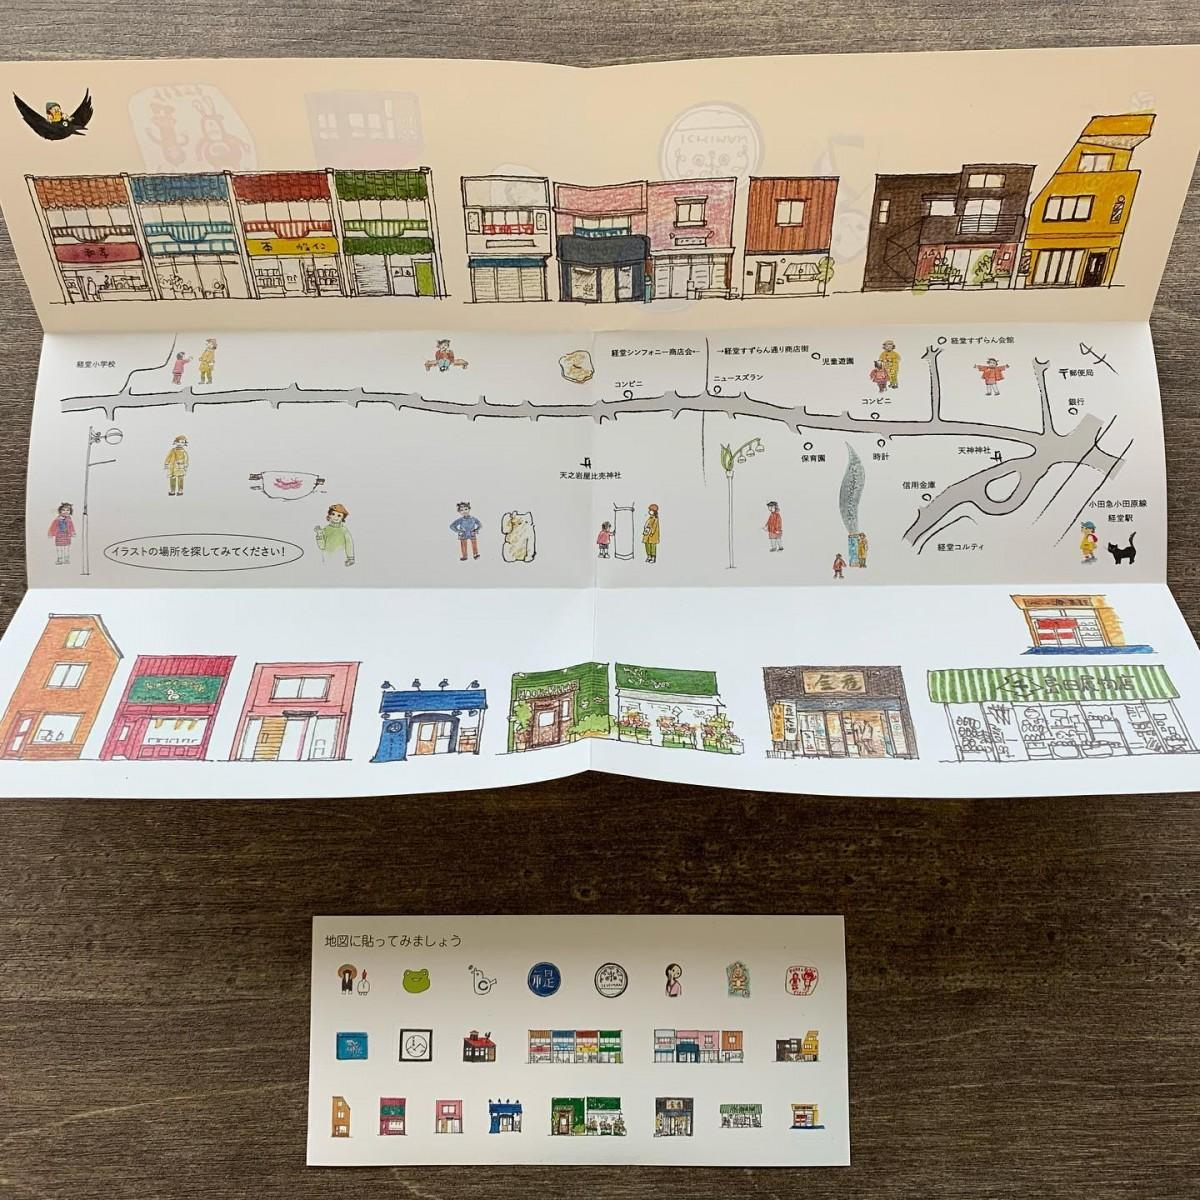 経堂すずらん通りと店のイラストが描かれた「まちの地図2021」